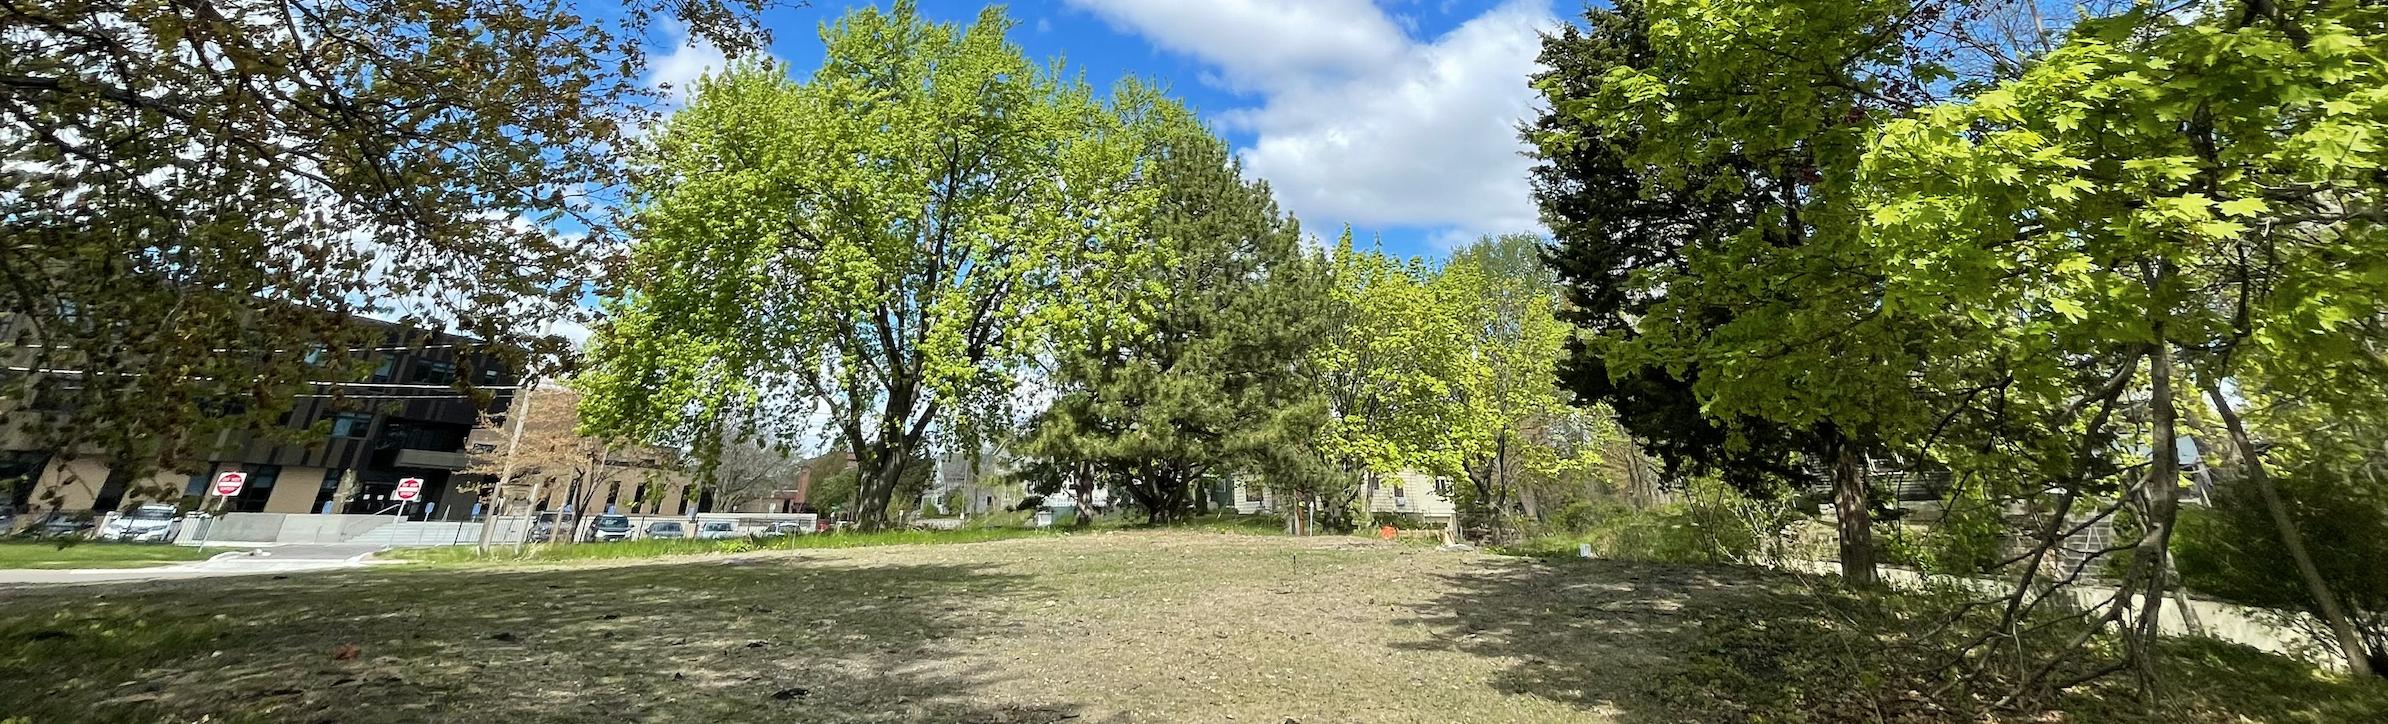 baker lot trees